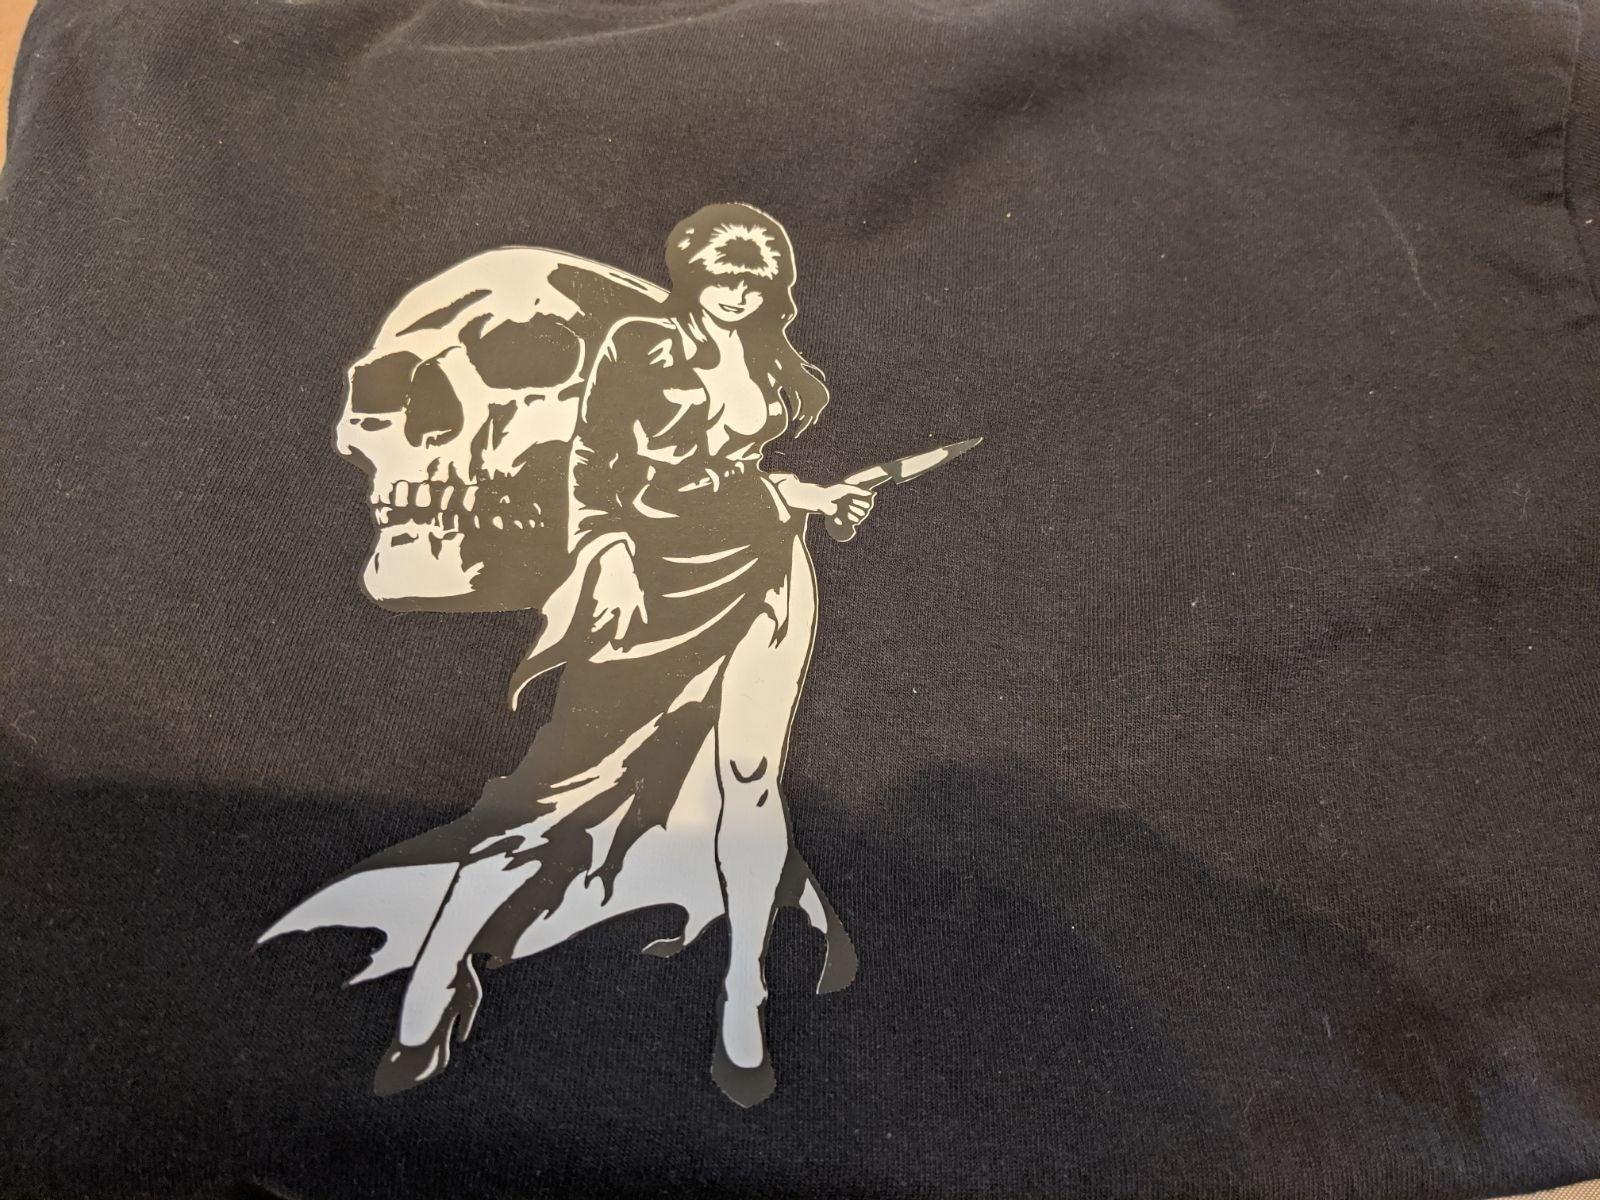 Elvira with skull t-shirt